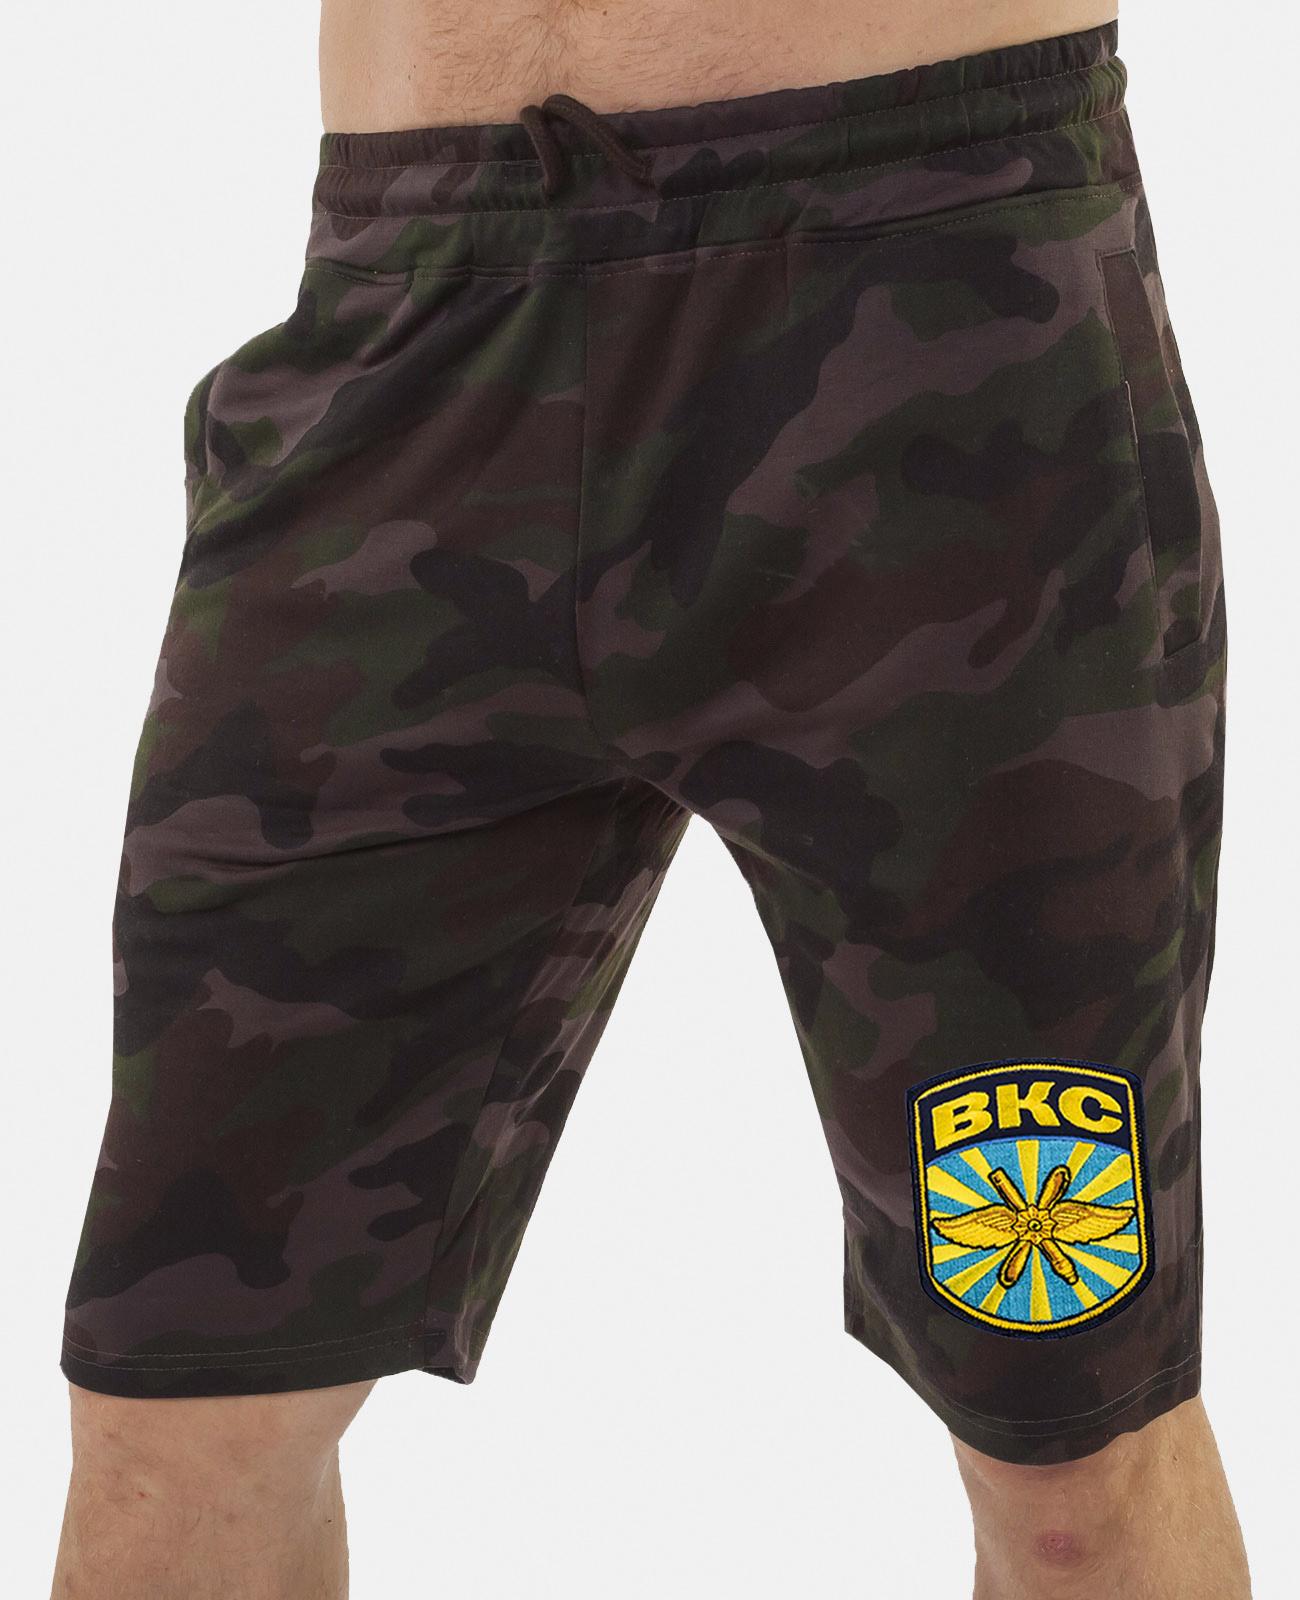 Купить мужские шорты с карманами и нашивкой ВКС онлайн в Военпро